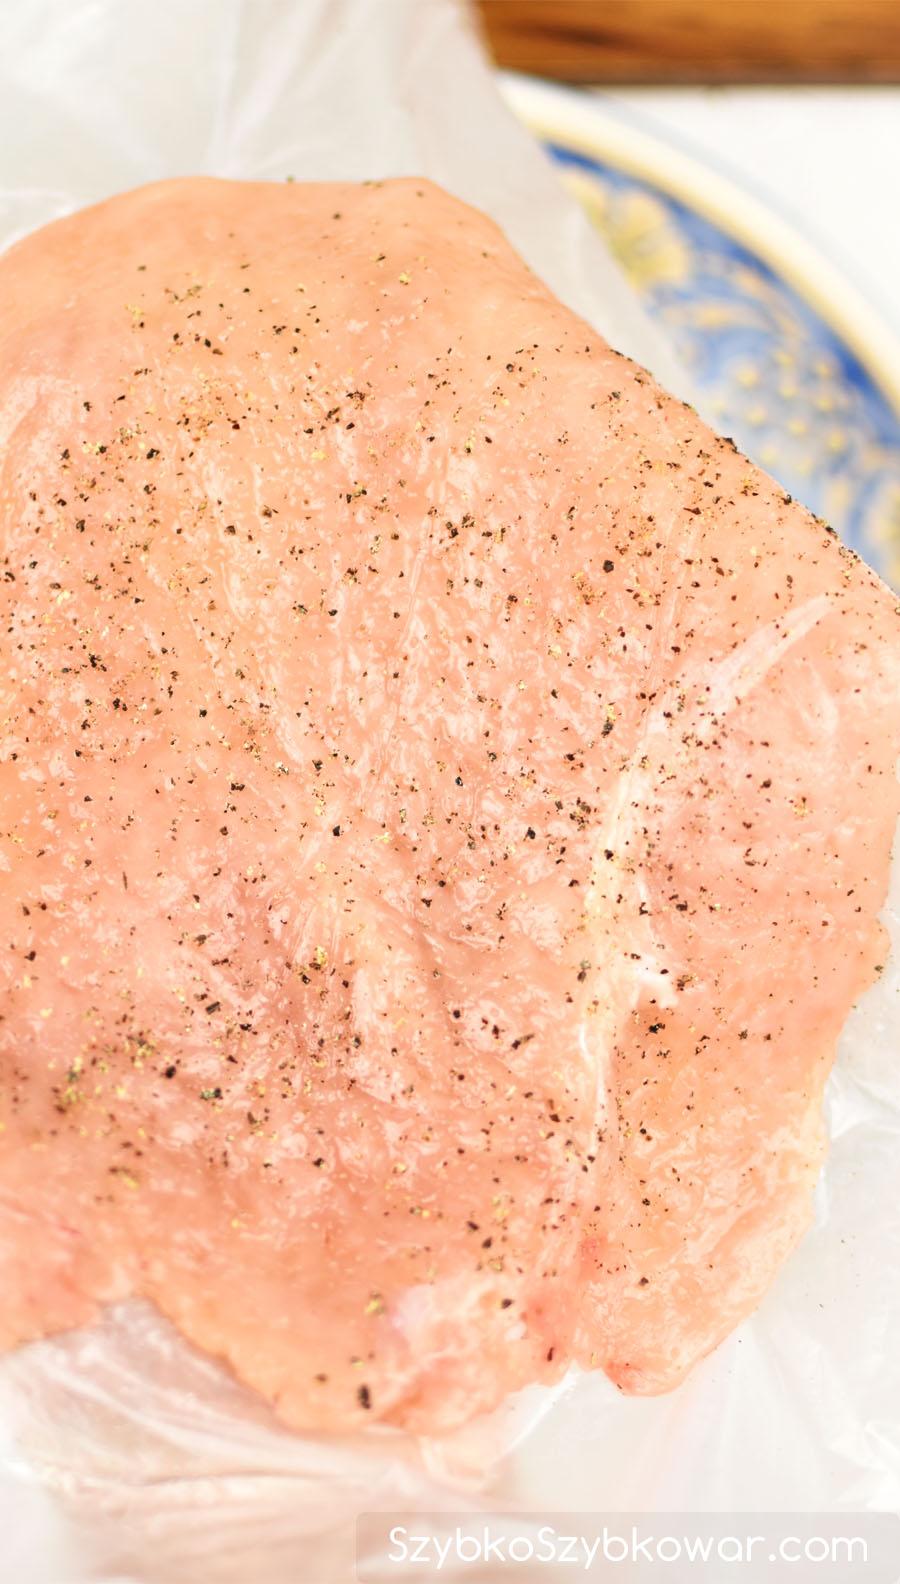 Podnieś filet drobiowy i z pomocą woreczka przełóż go na talerz. Pamiętaj, aby w ogóle nie dotykać go dłońmi. W identyczny sposób postępuj z pozostałymi filetami drobiowymi.